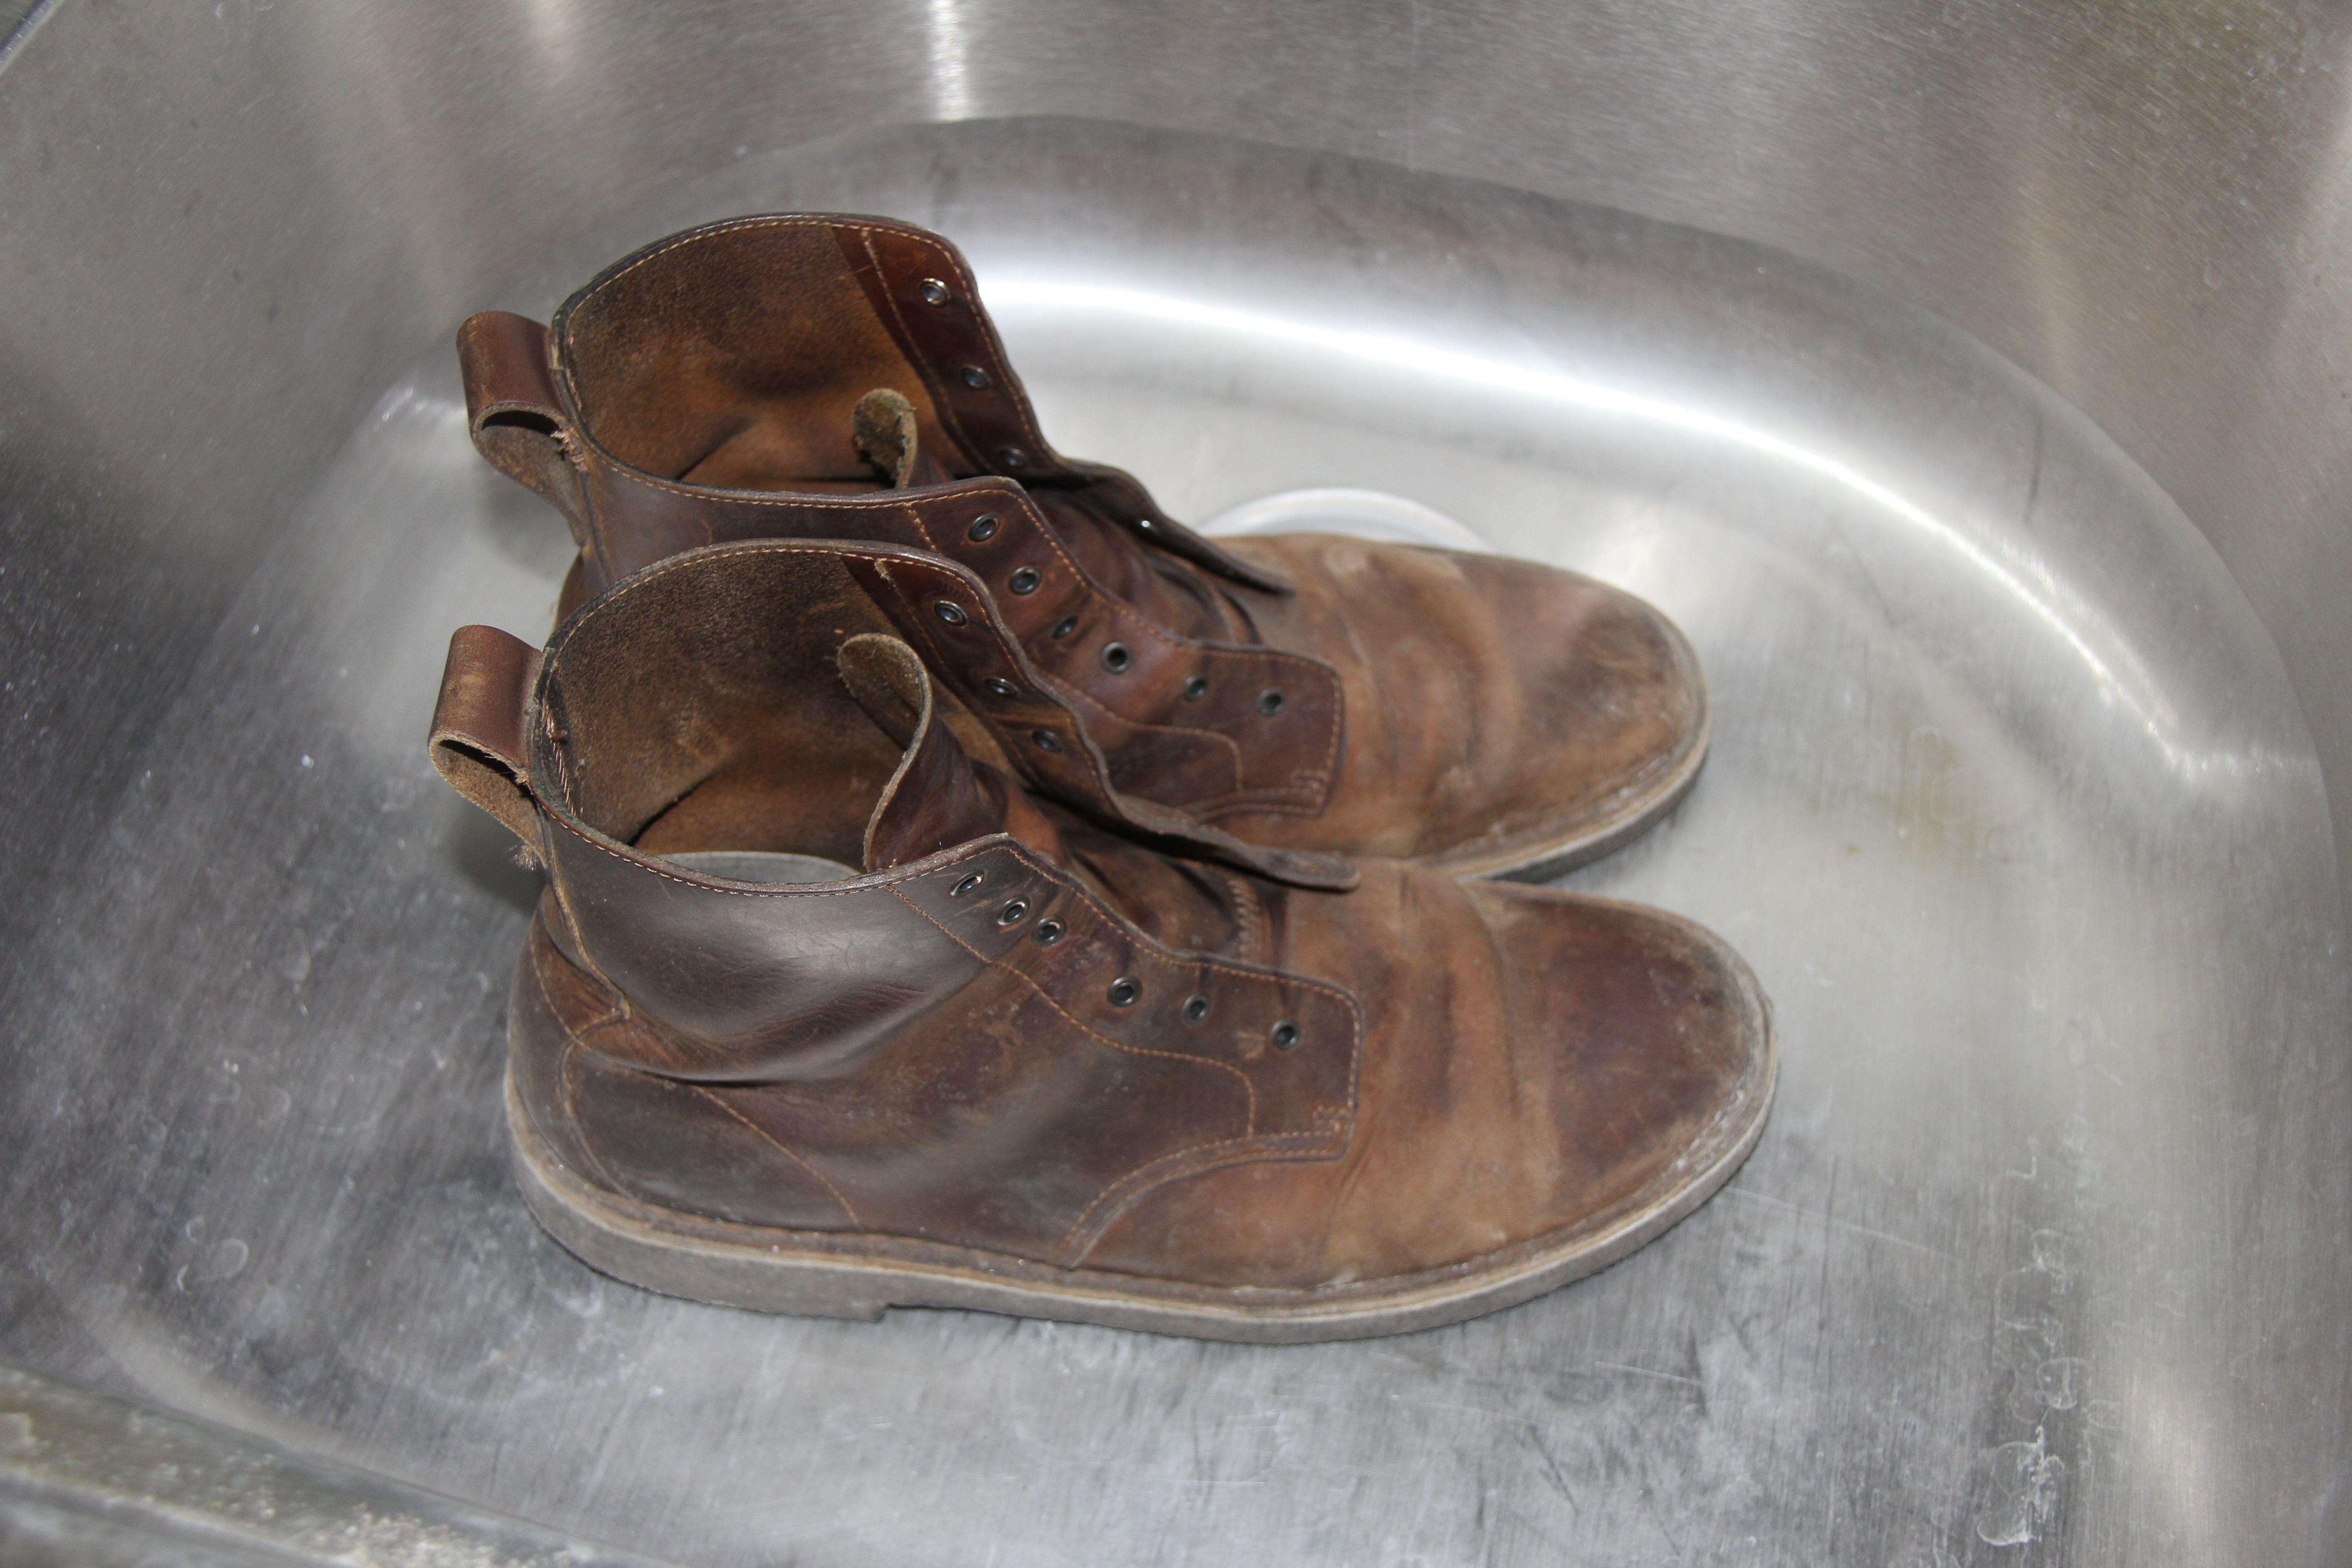 clarks desert mali boot uk